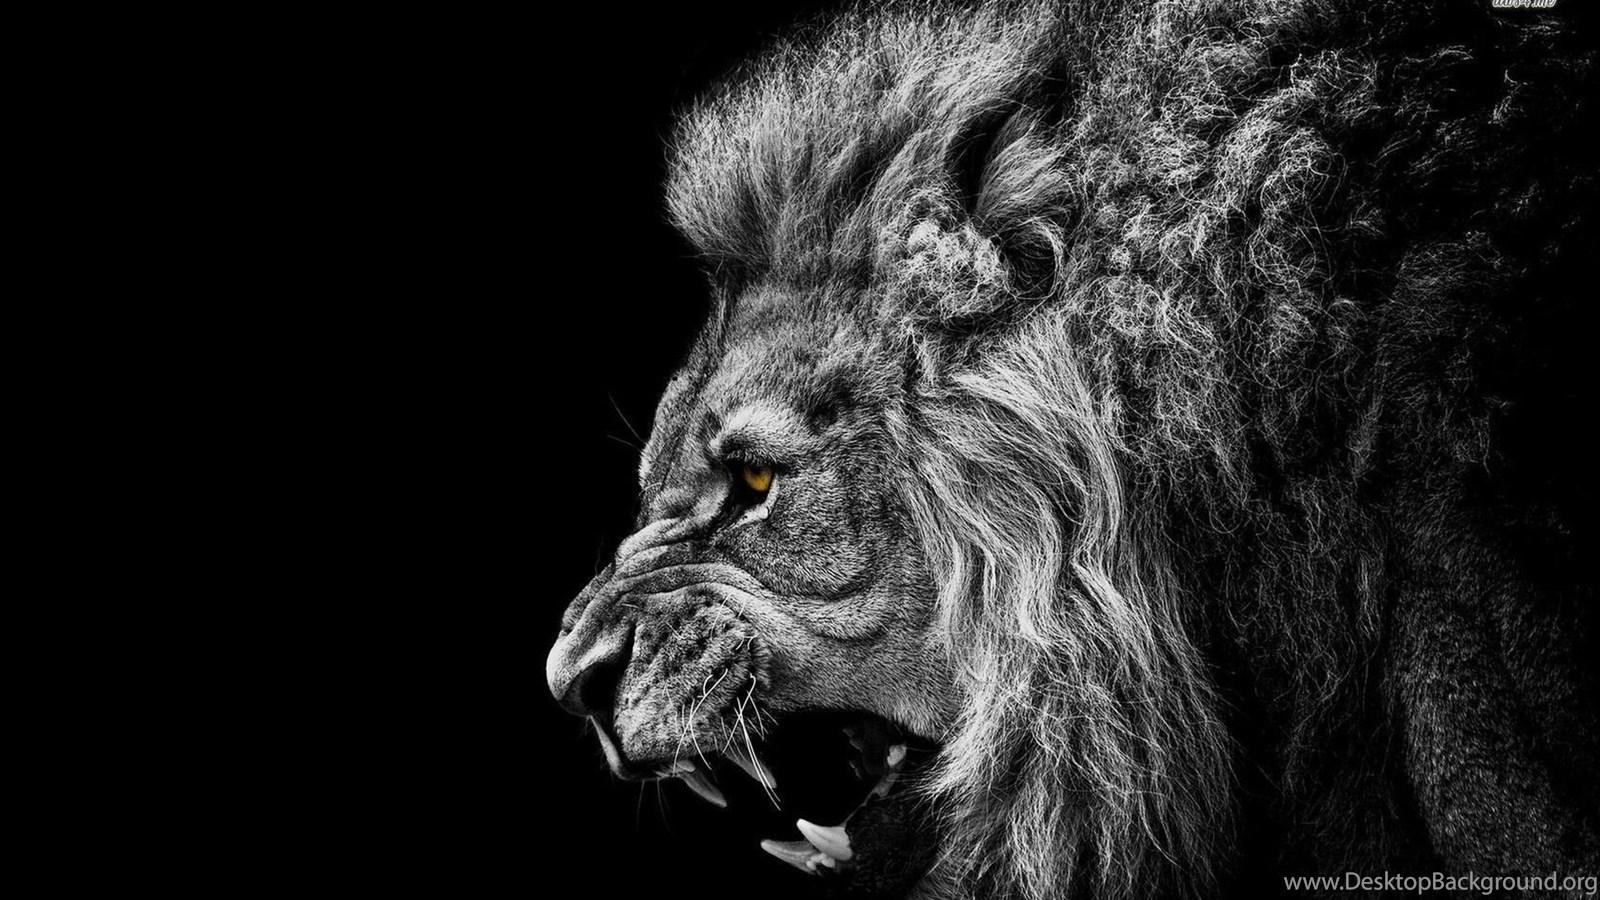 Lion Roar Wallpapers HD 3311 Site Desktop Background